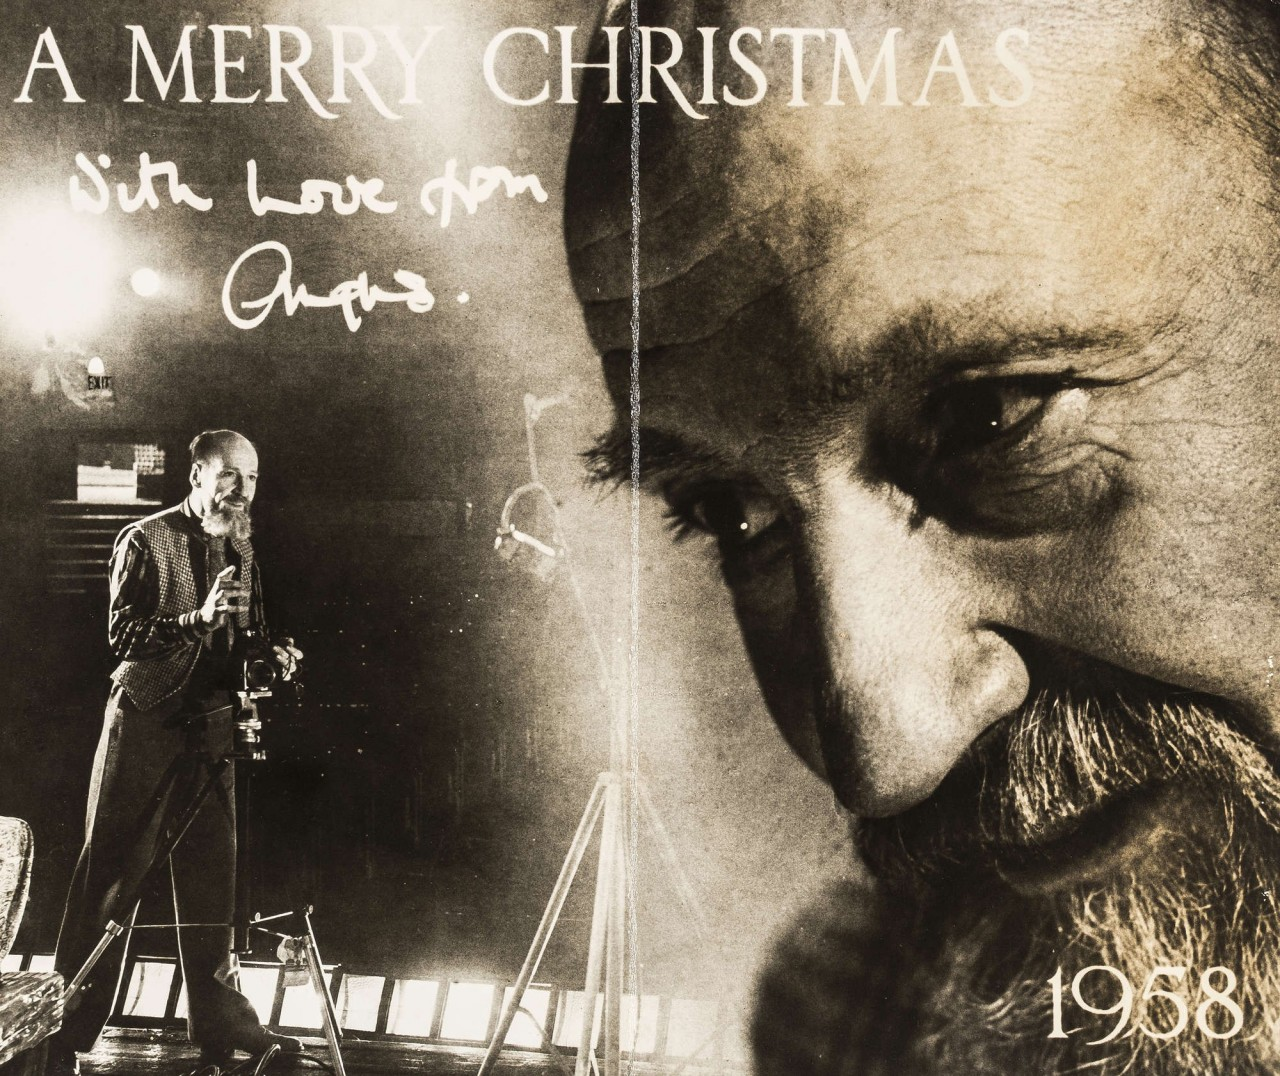 Рождественская открытка, 1958. Ангус МакБин